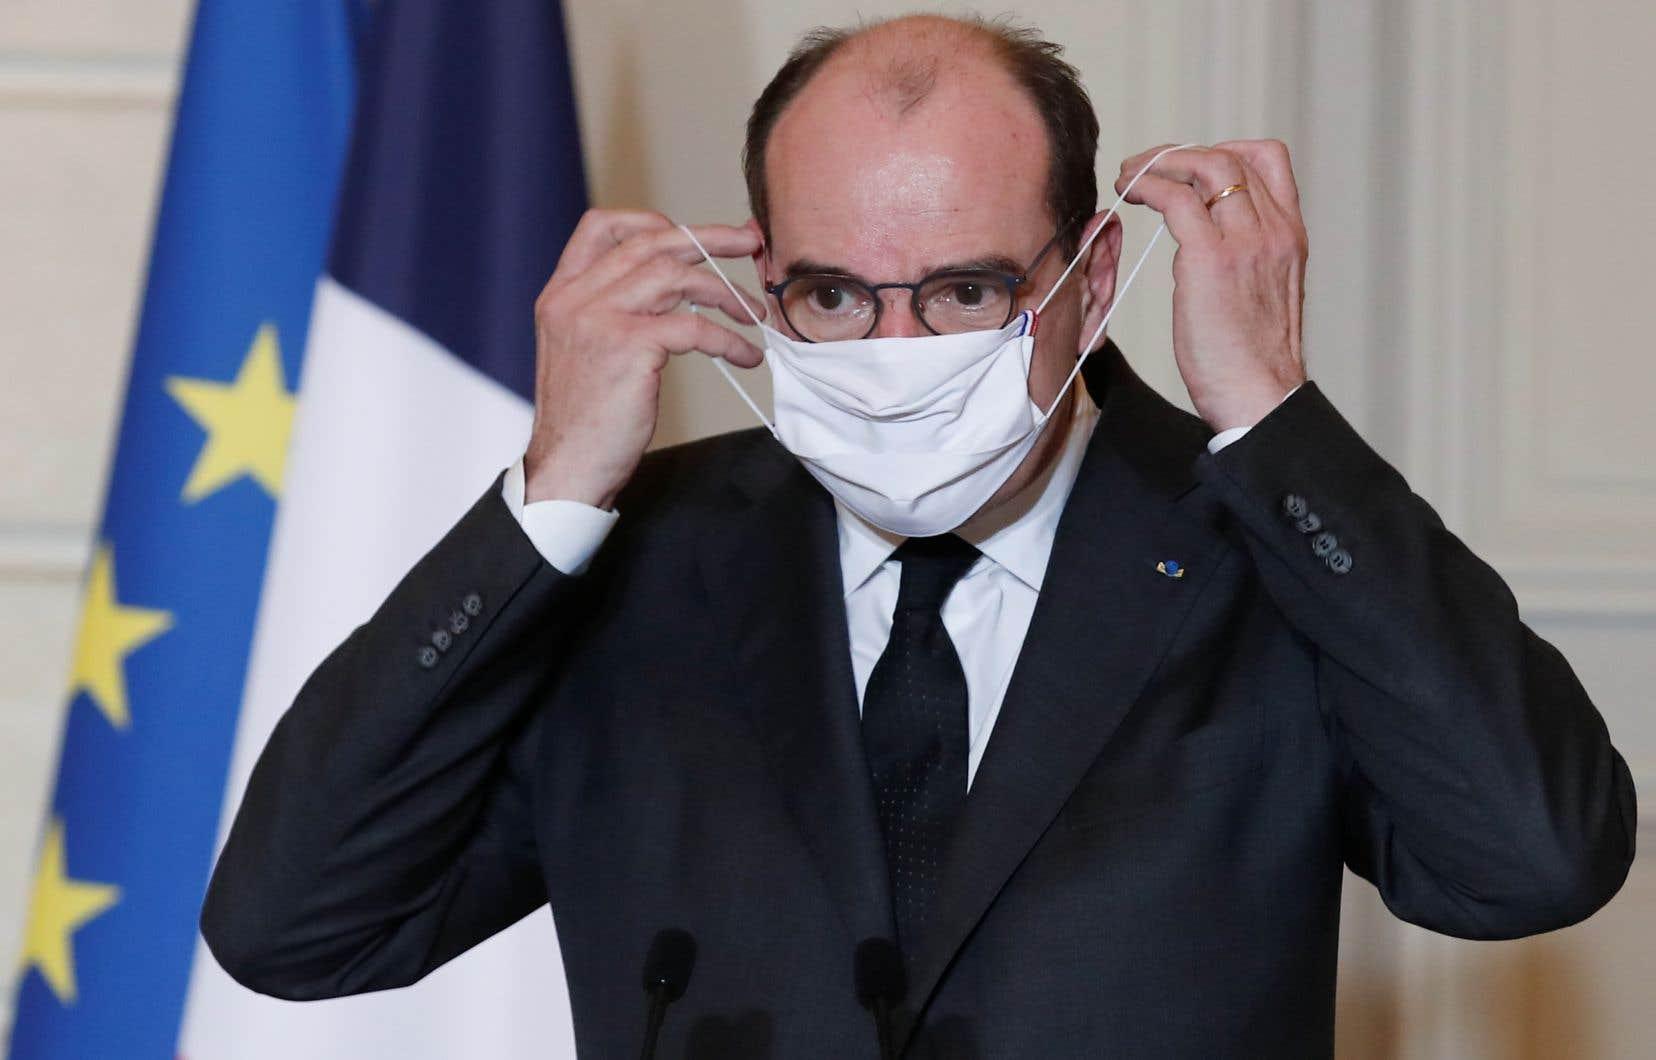 «Toute entrée en France et toute sortie de notre territoire à destination ou en provenance d'un pays extérieur à l'Union européenne sera interdite, sauf motif impérieux, à partir de minuit dimanche», a annoncé le premier ministre Jean Castex.